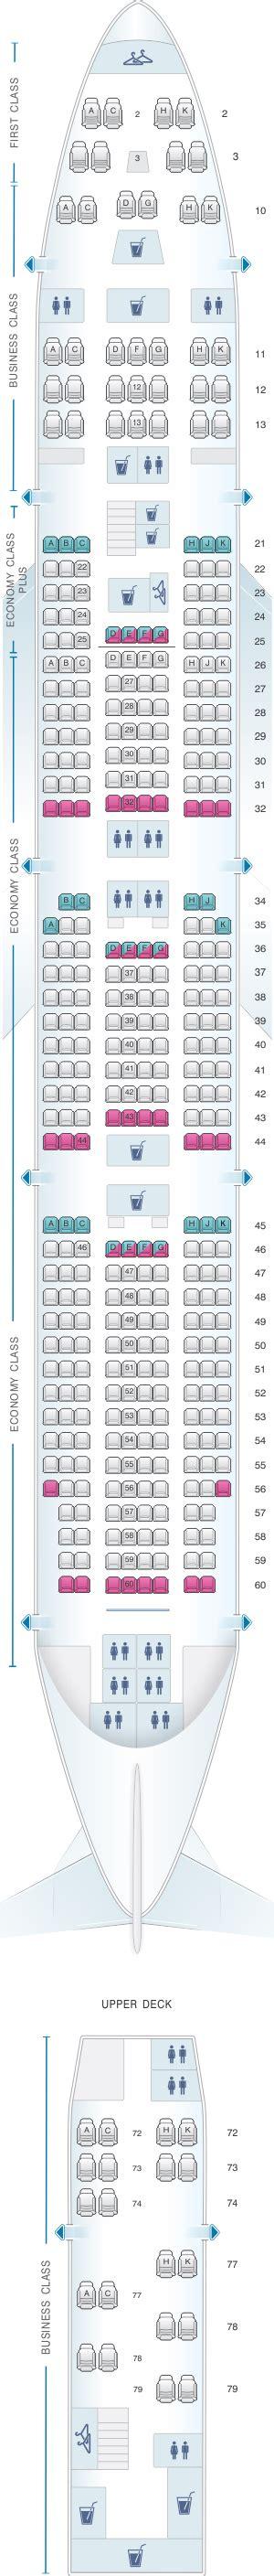 747 8 seat map b747 8 seat map wiring diagrams wiring diagram schemes